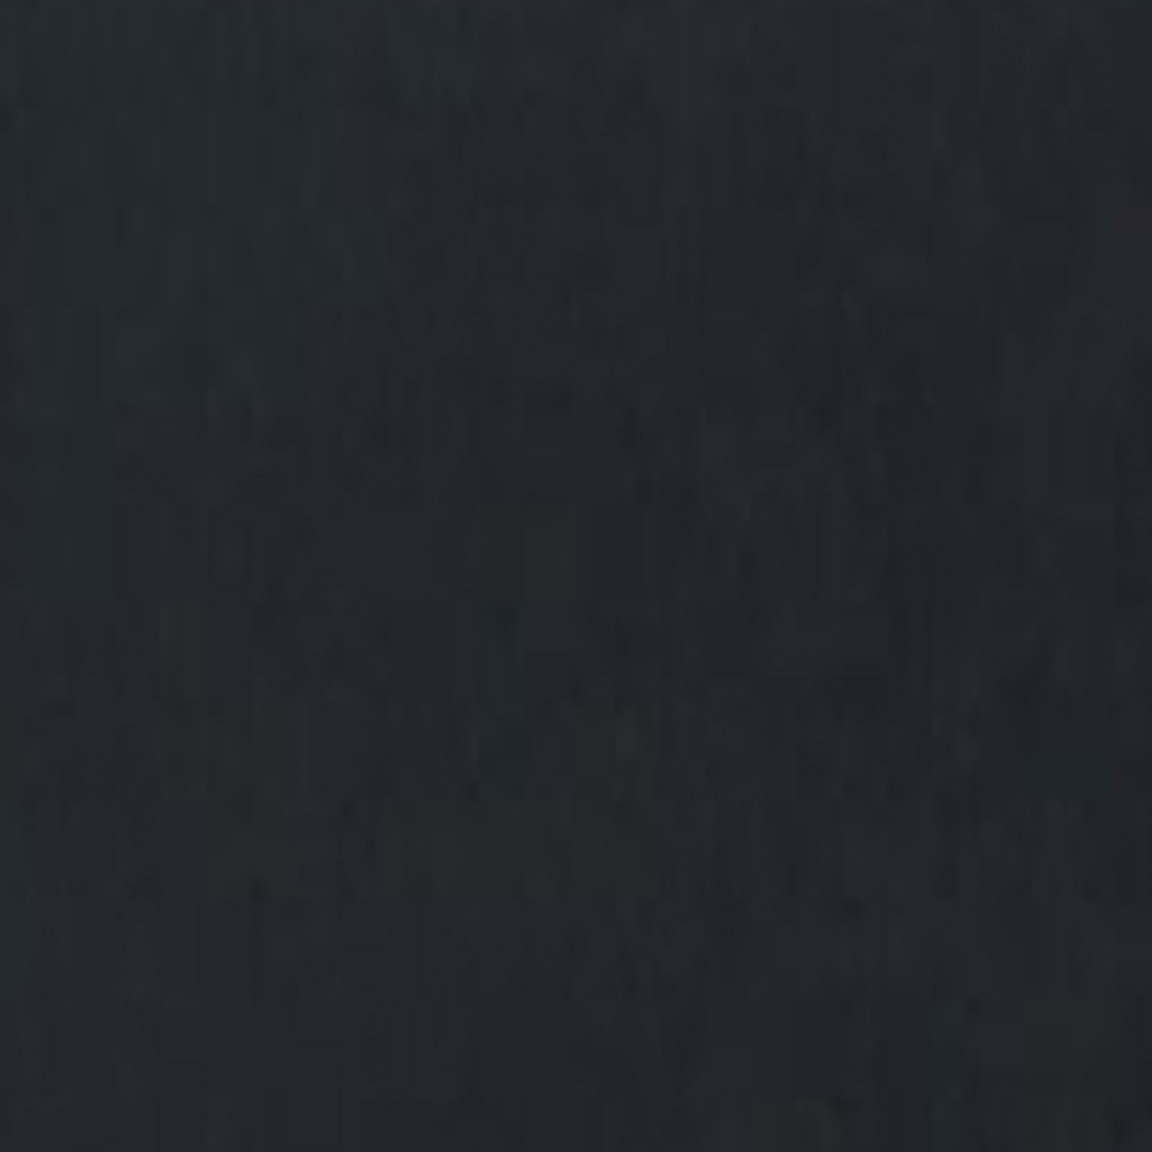 Siyah Emaye - Plain Surface